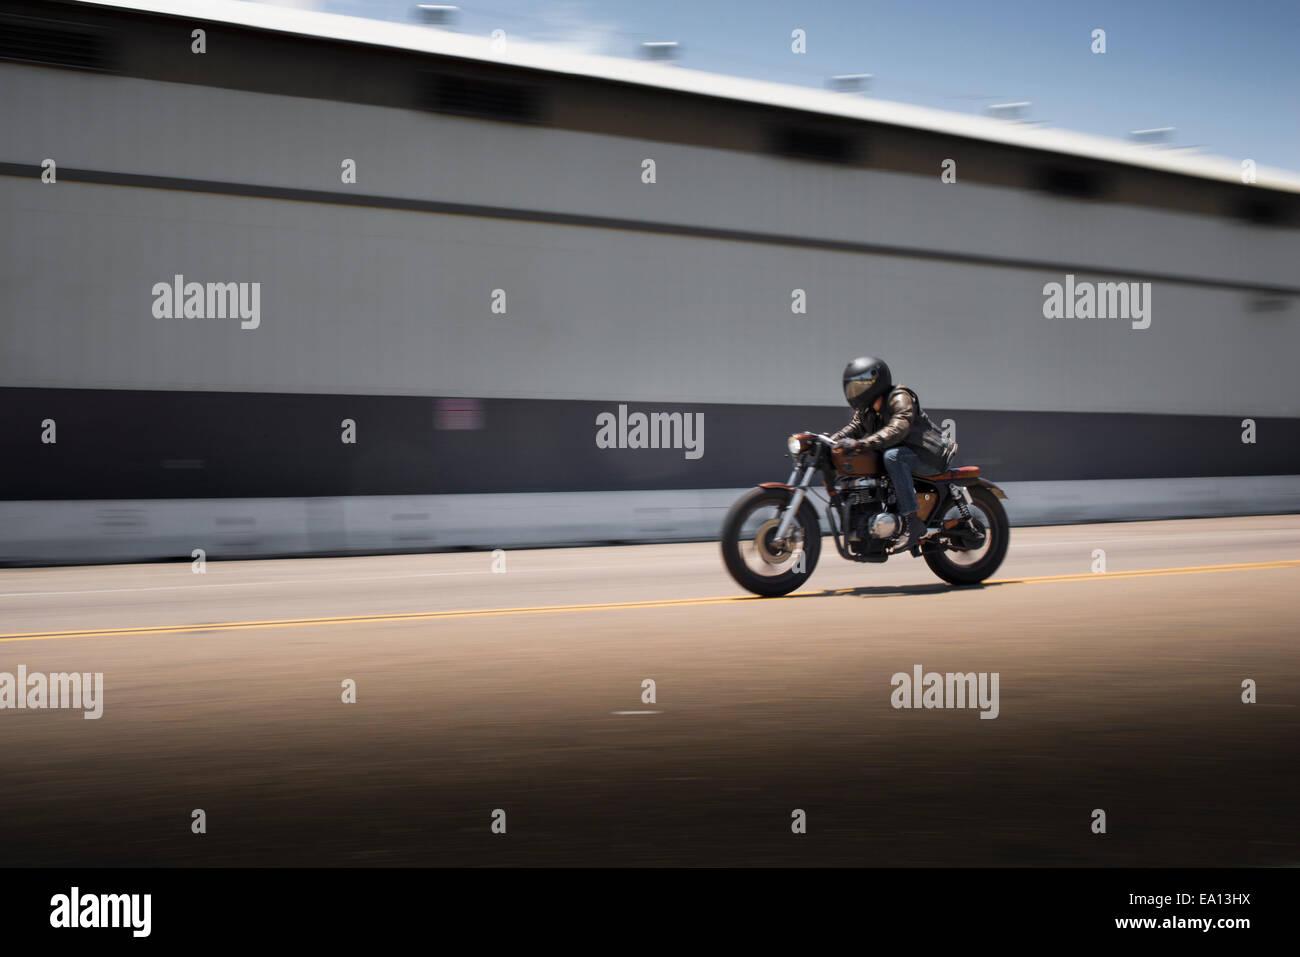 Immagine sfocata del maschio velocizzando il motociclista Foto Stock